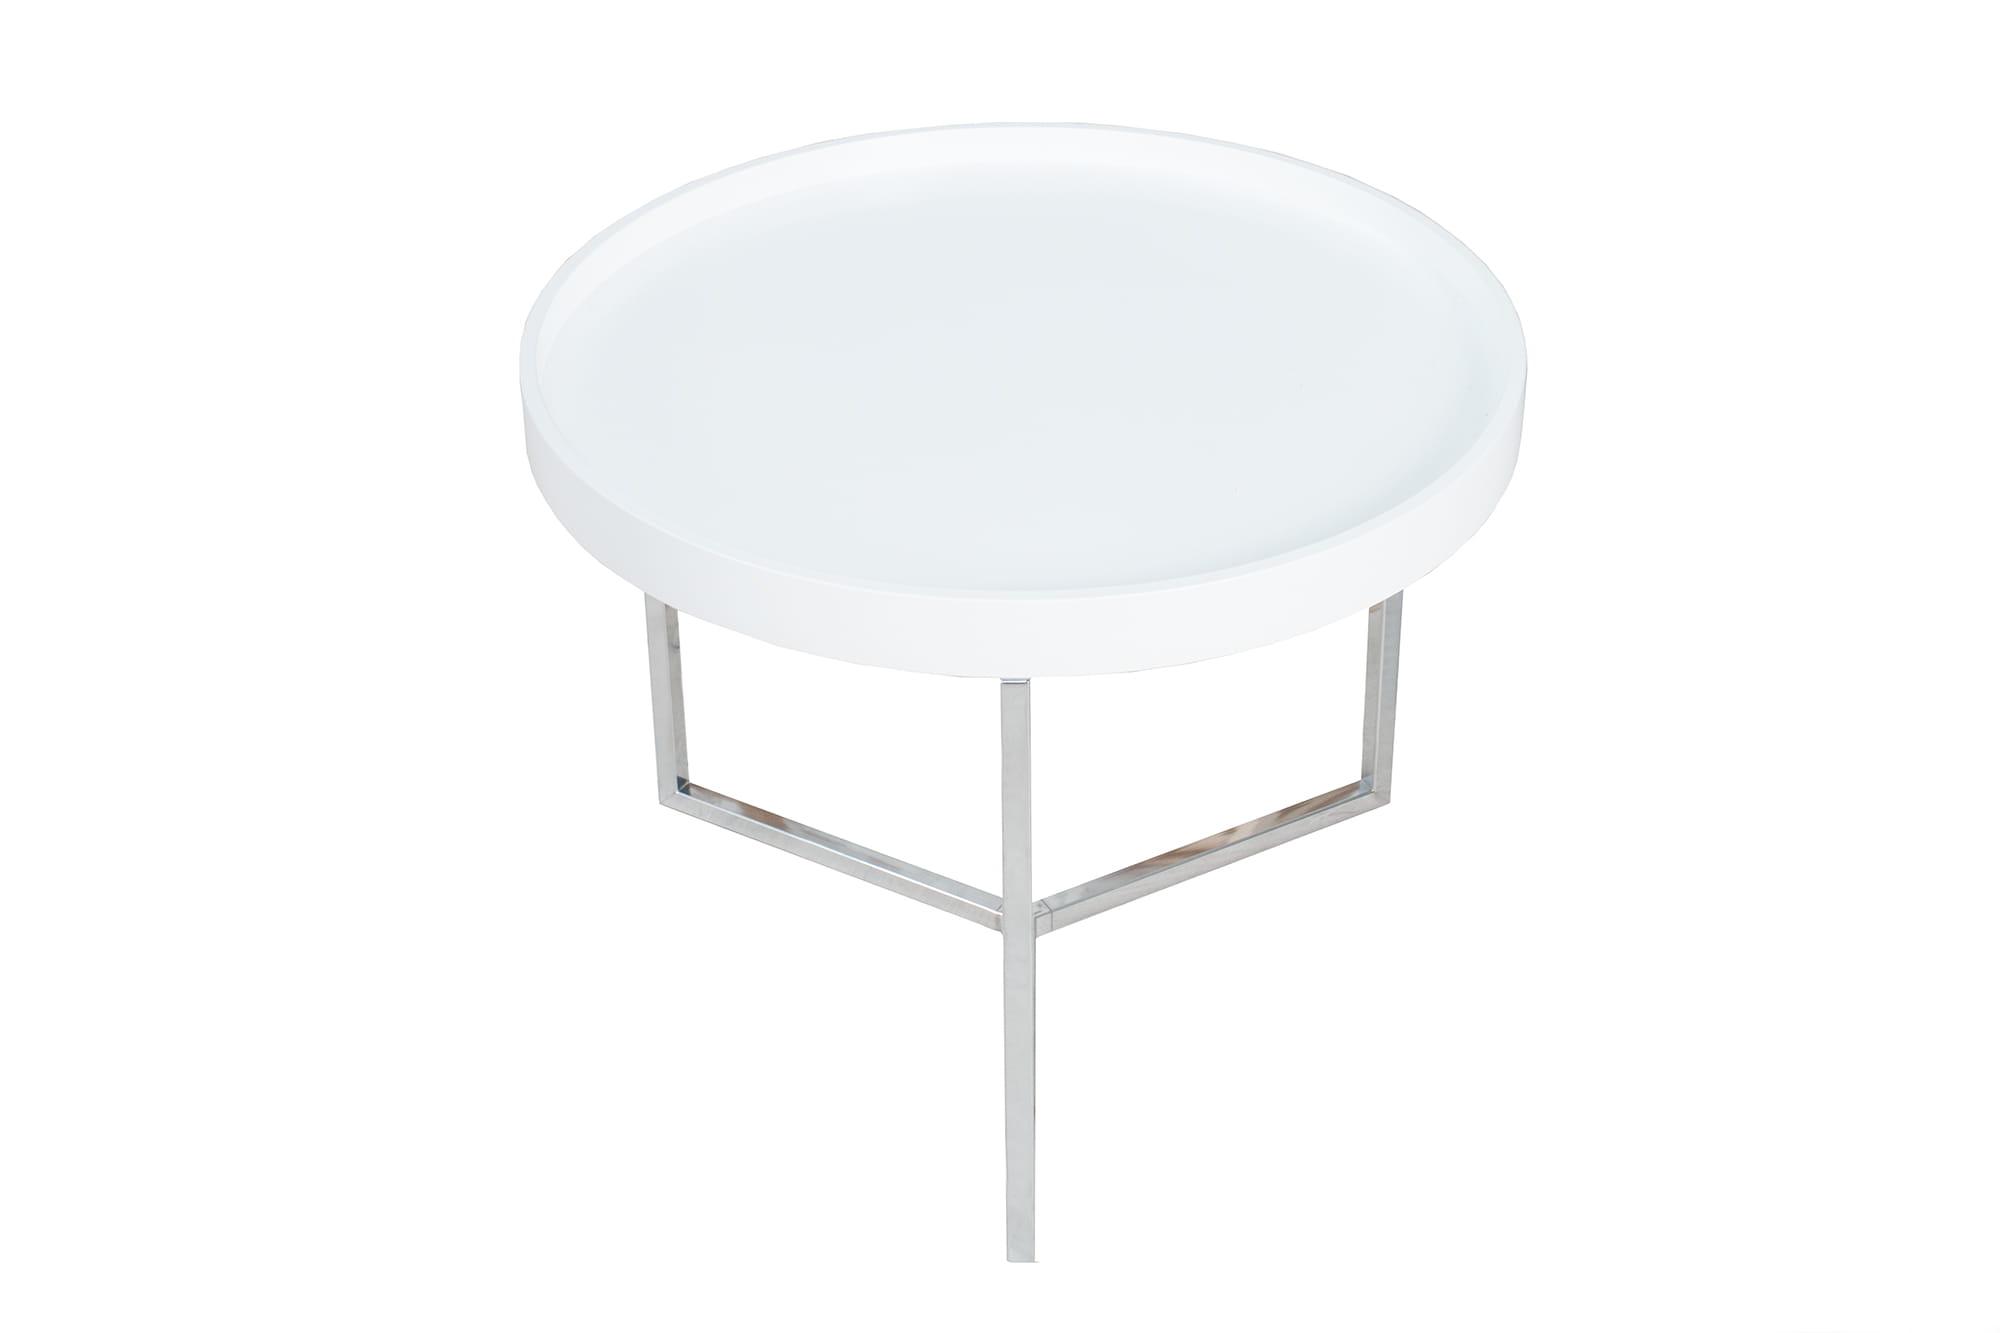 Stolik Blat 60 cm biały